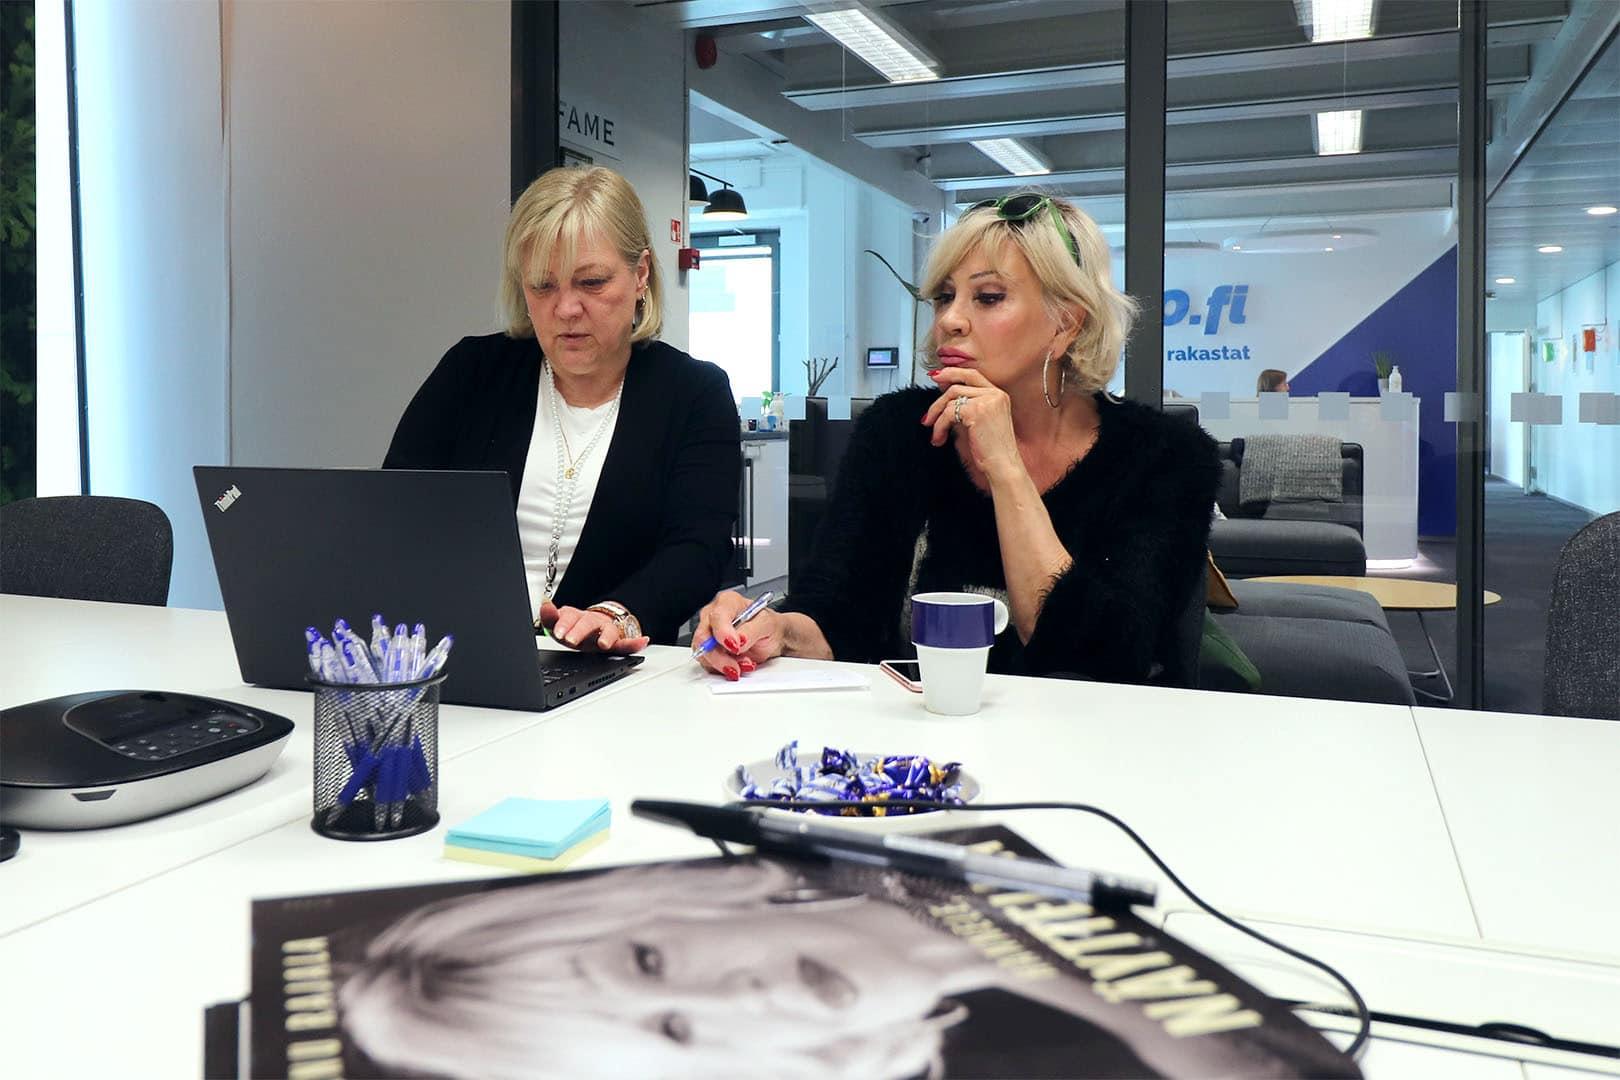 Hannele Lauri on Ukko.fi:n tuore kevytyrittäjä. Paula opastaa.